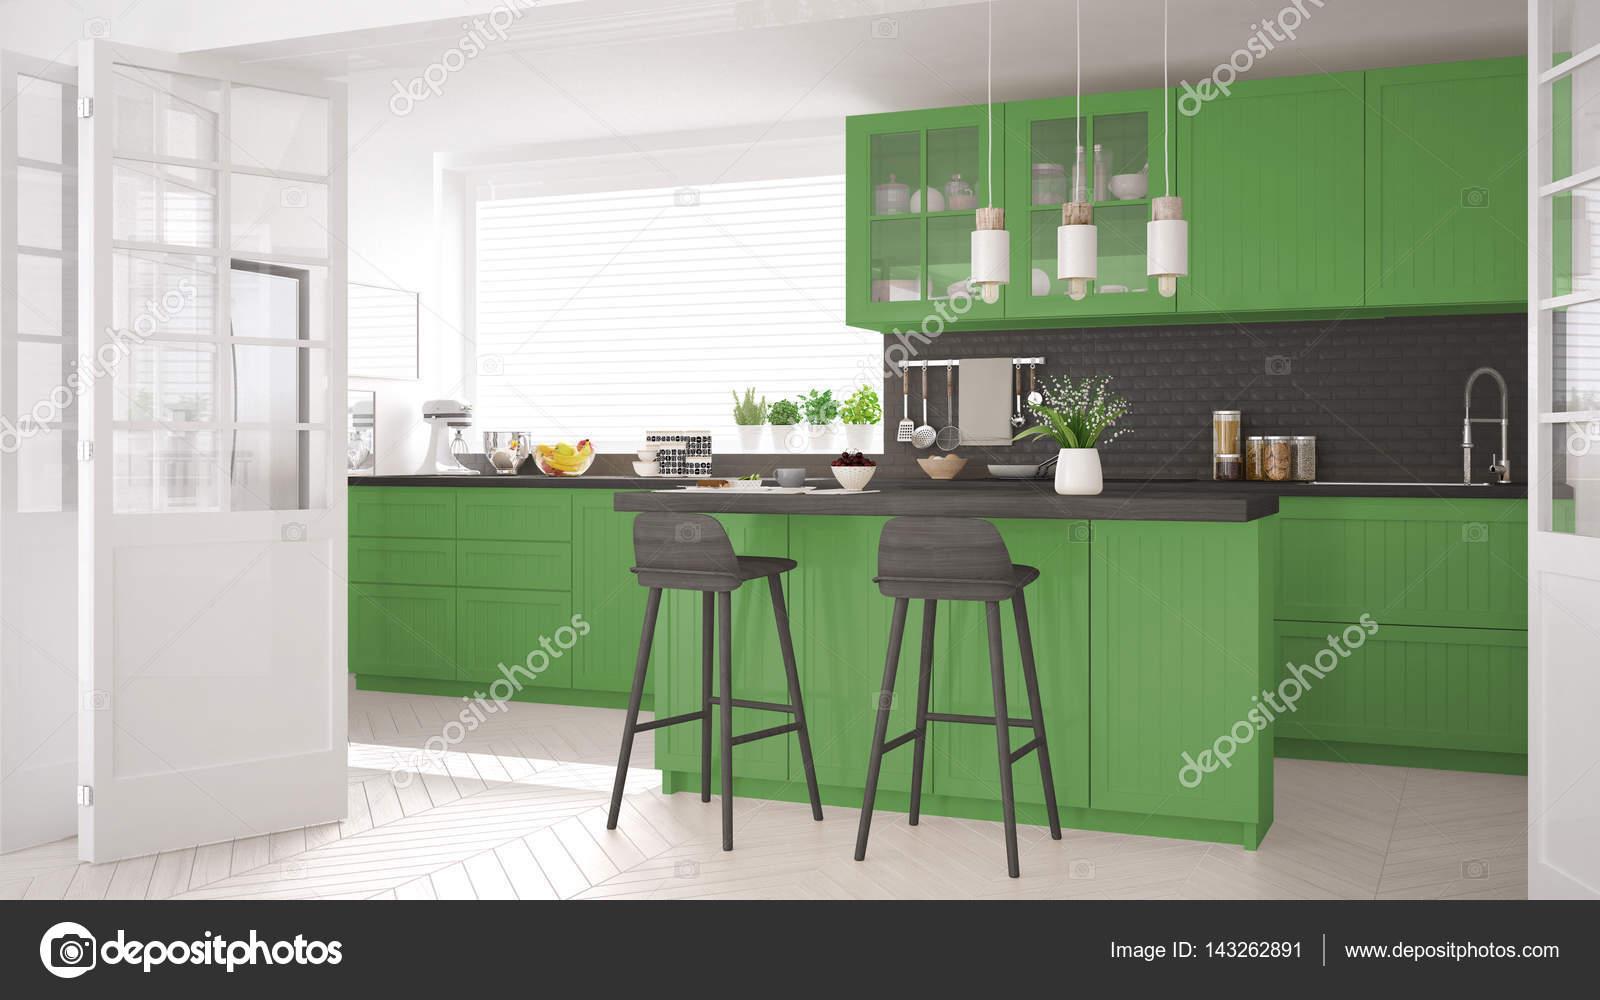 Escandinava Cozinha Cl Ssica Com Detalhes Em Madeira E Verdes Mini